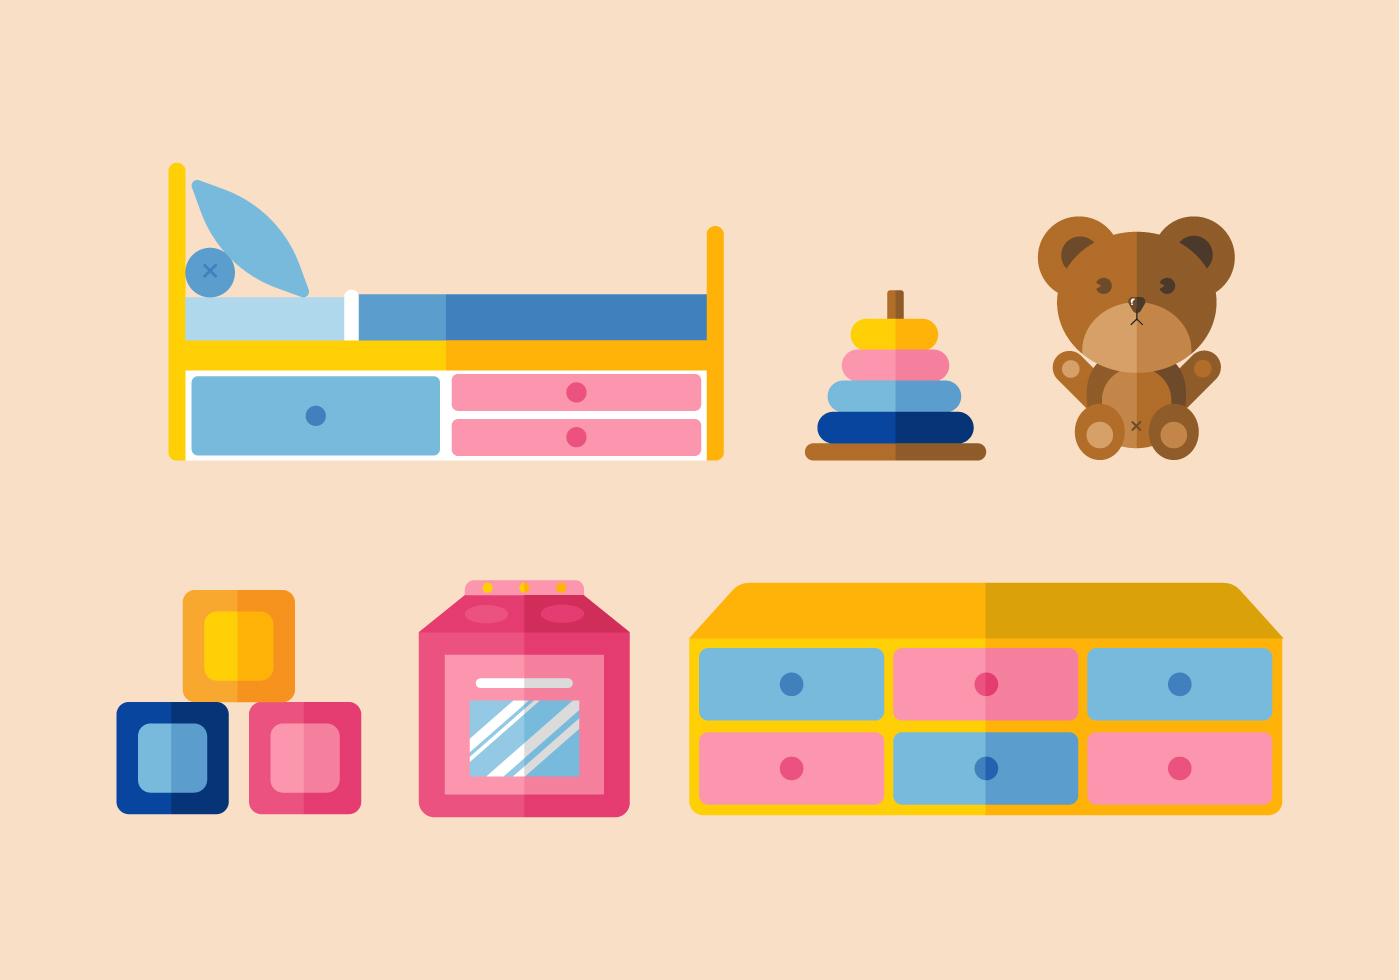 Vector Kids Room Download Free Vector Art Stock Graphics Images